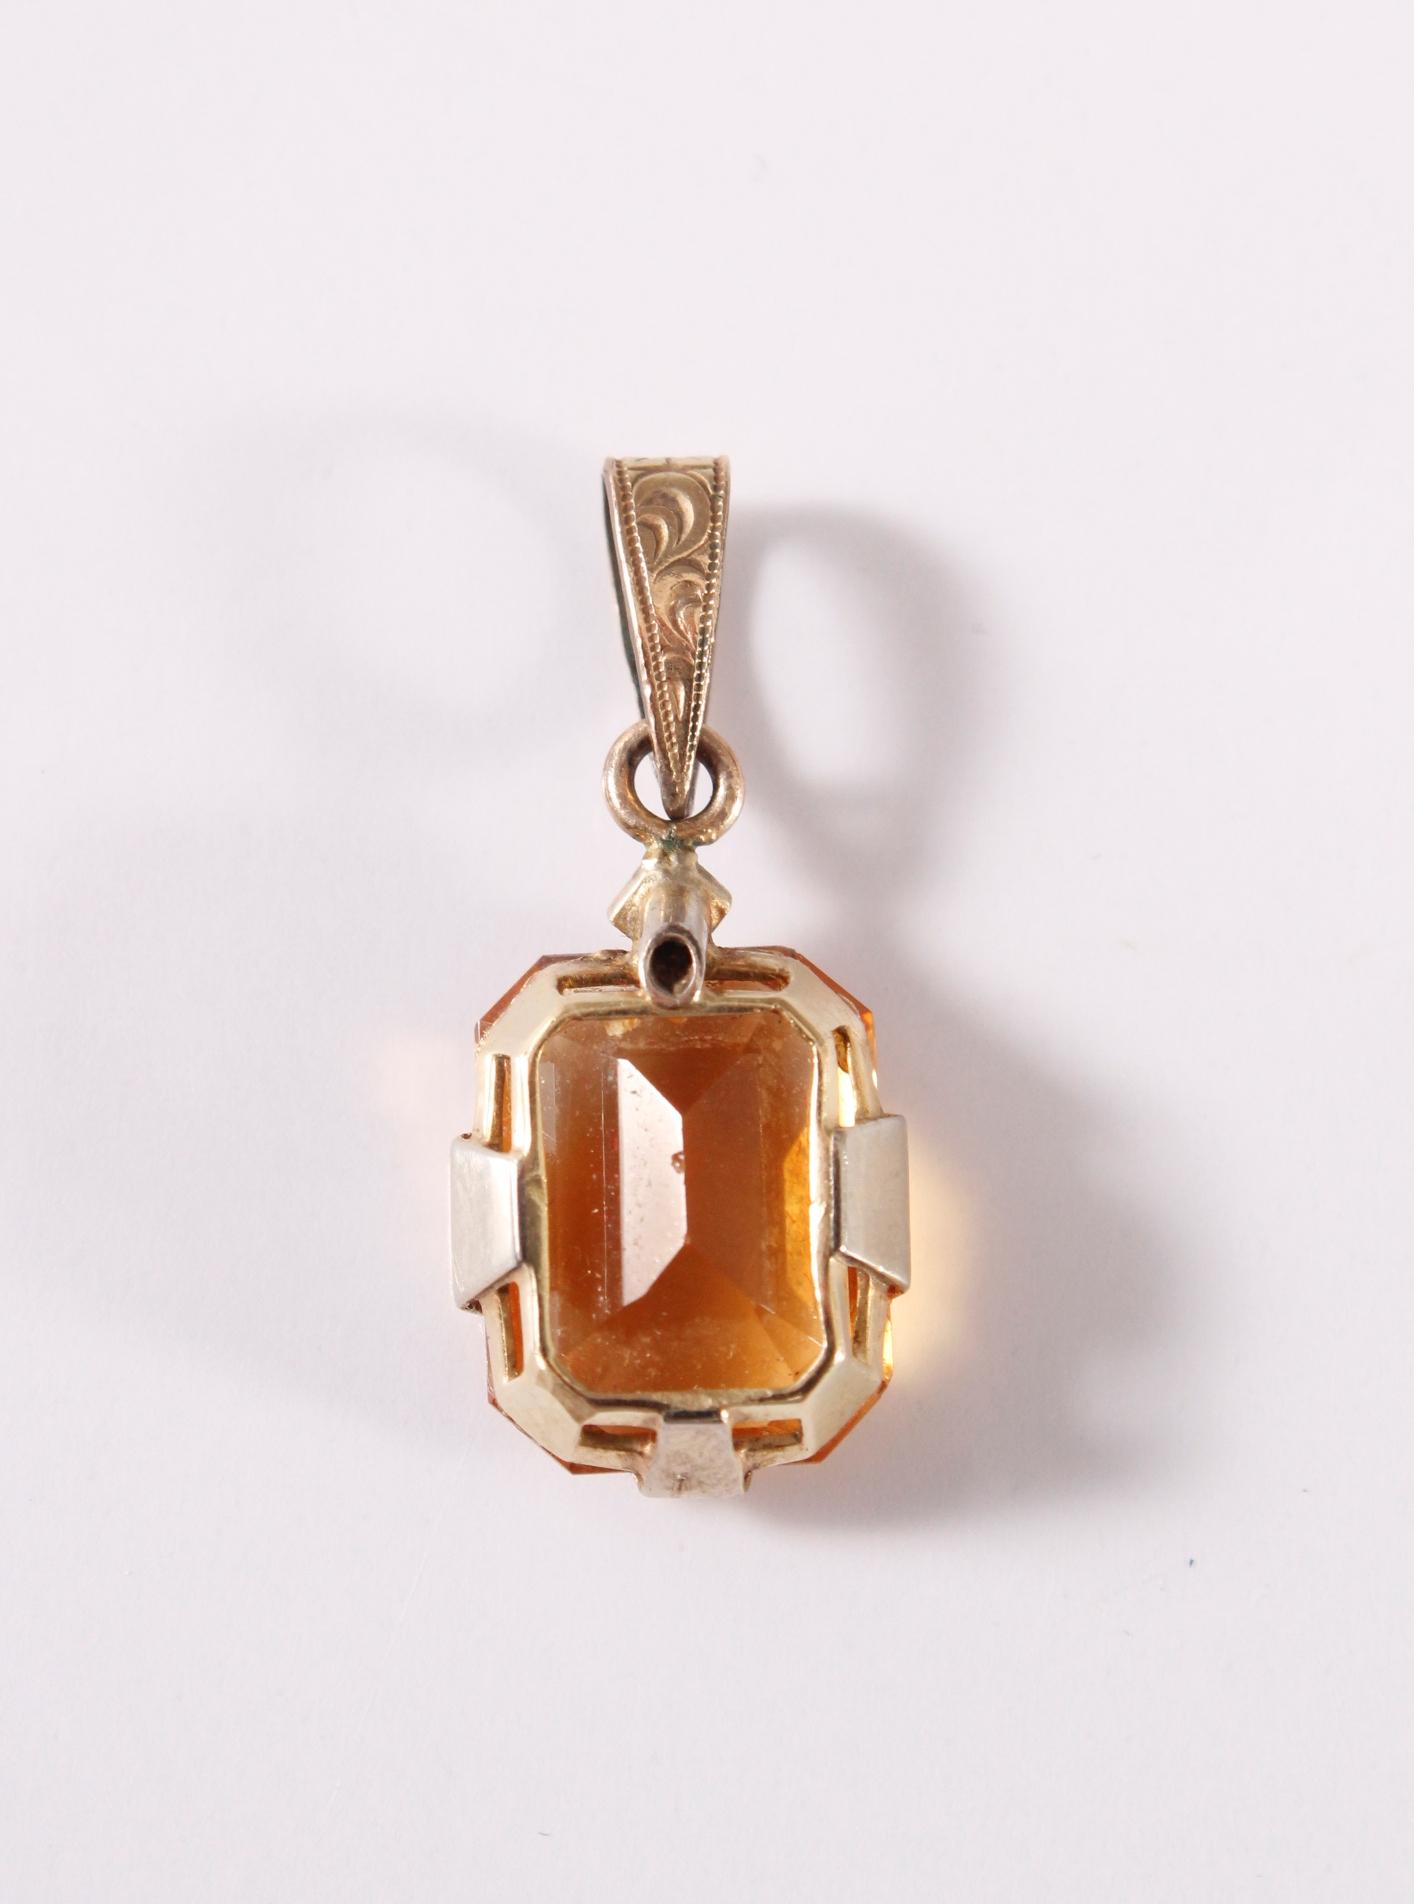 Antiker Anhänger mit Citrin und kleinem Diamanten, Fassung aus 14 kt Gelbgold, die Öse ist vergoldet-2